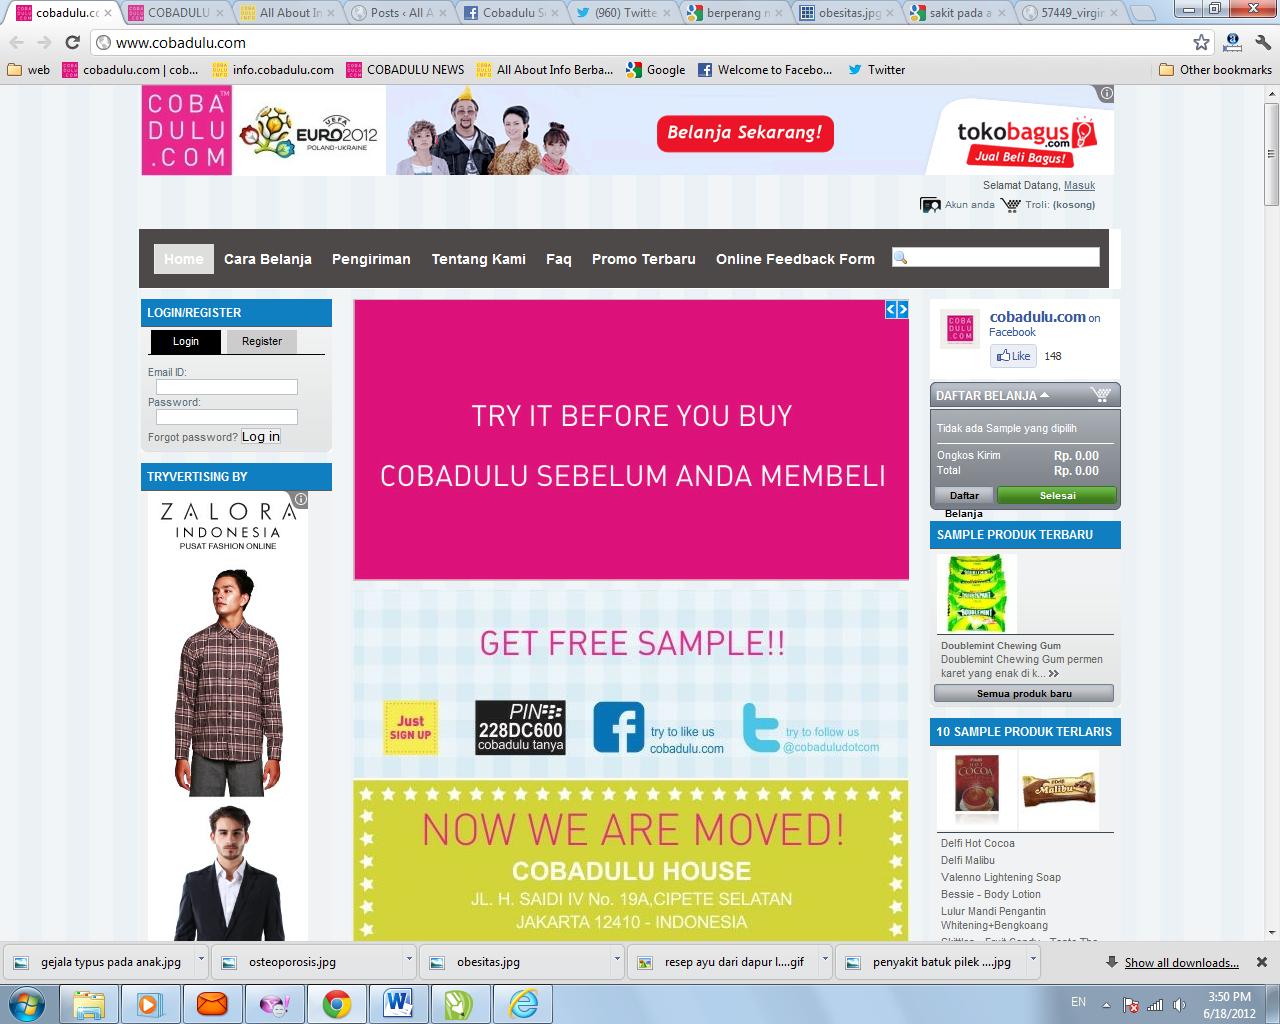 Tempat mencoba berbagai produk gratis www.cobadulu.com